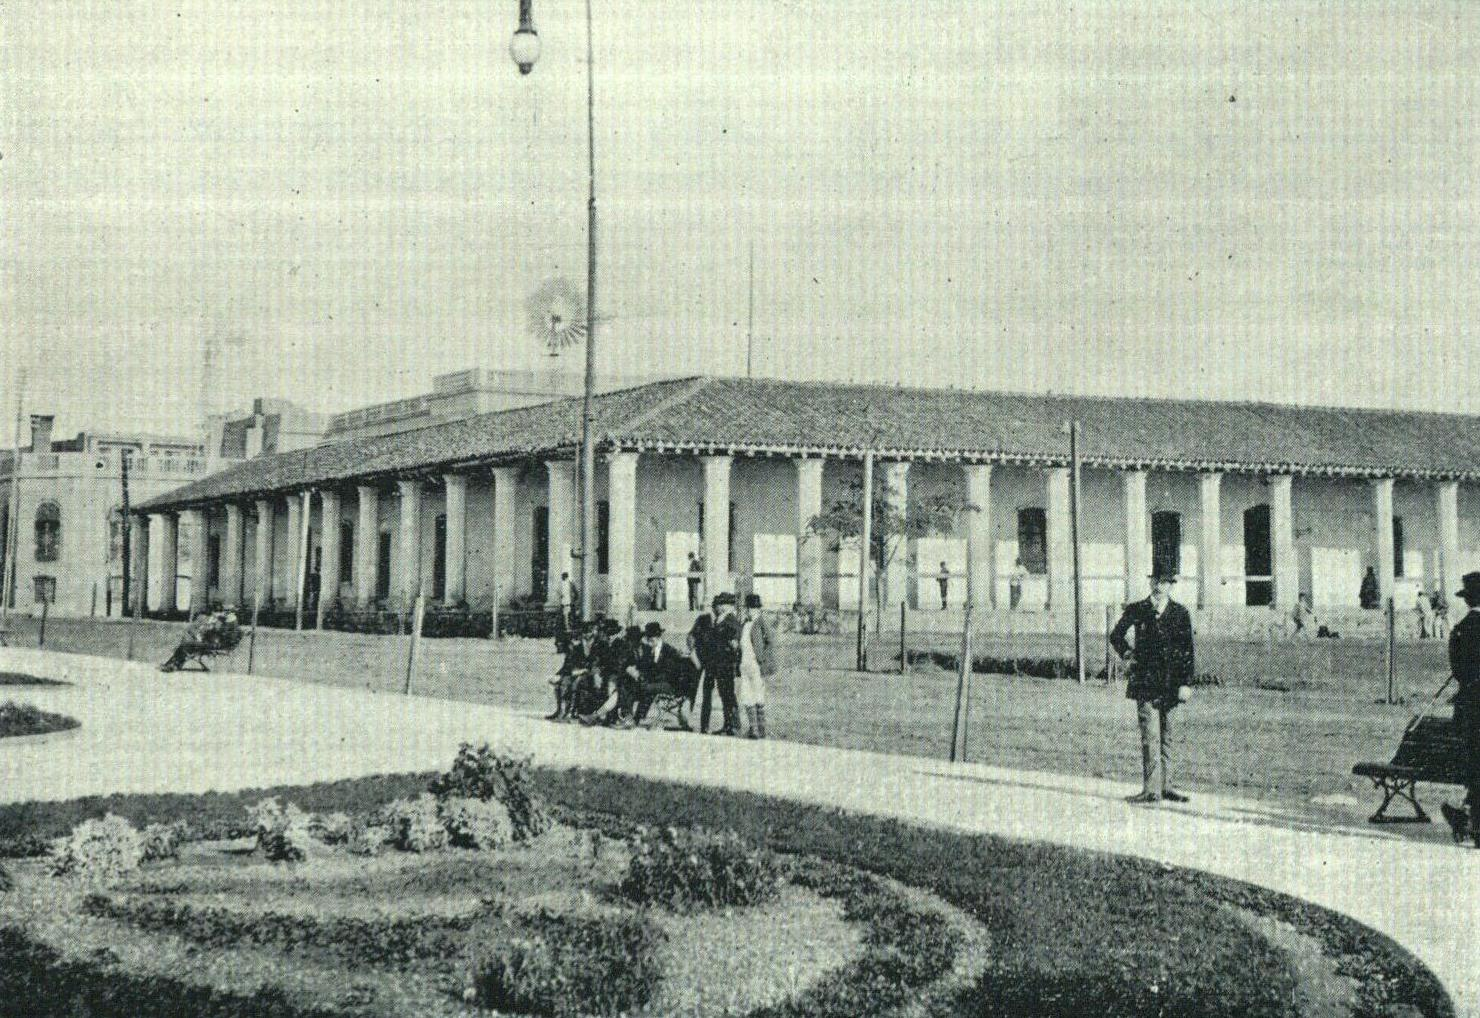 Casa de los Gobernadores. Arsenio López Decoud, Álbum gráfico de la República del Paraguay, Buenos Aires, 1911